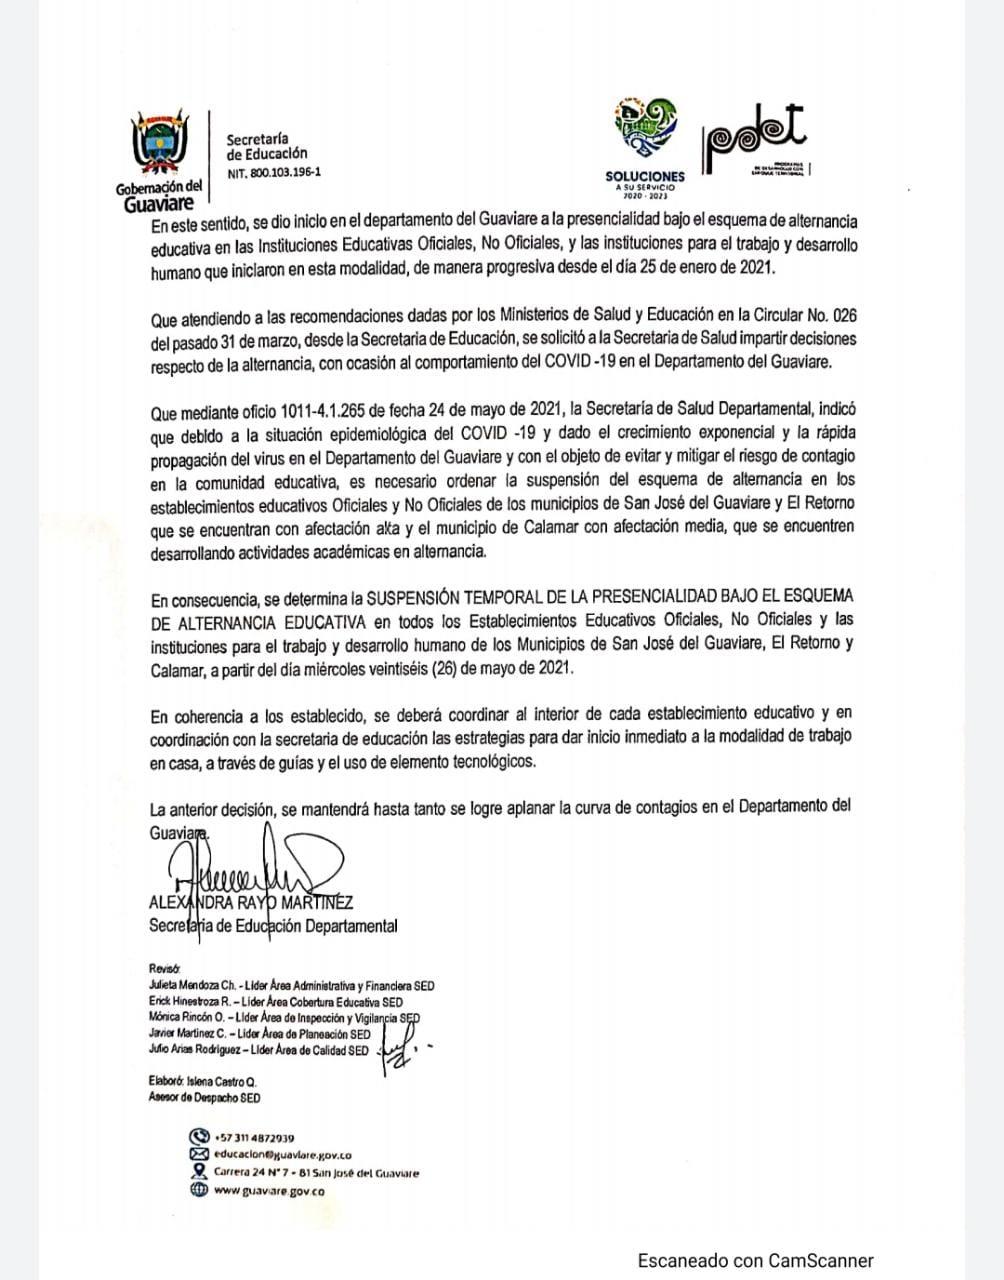 Suspenden clases de alternancia en siete instituciones de Guaviare